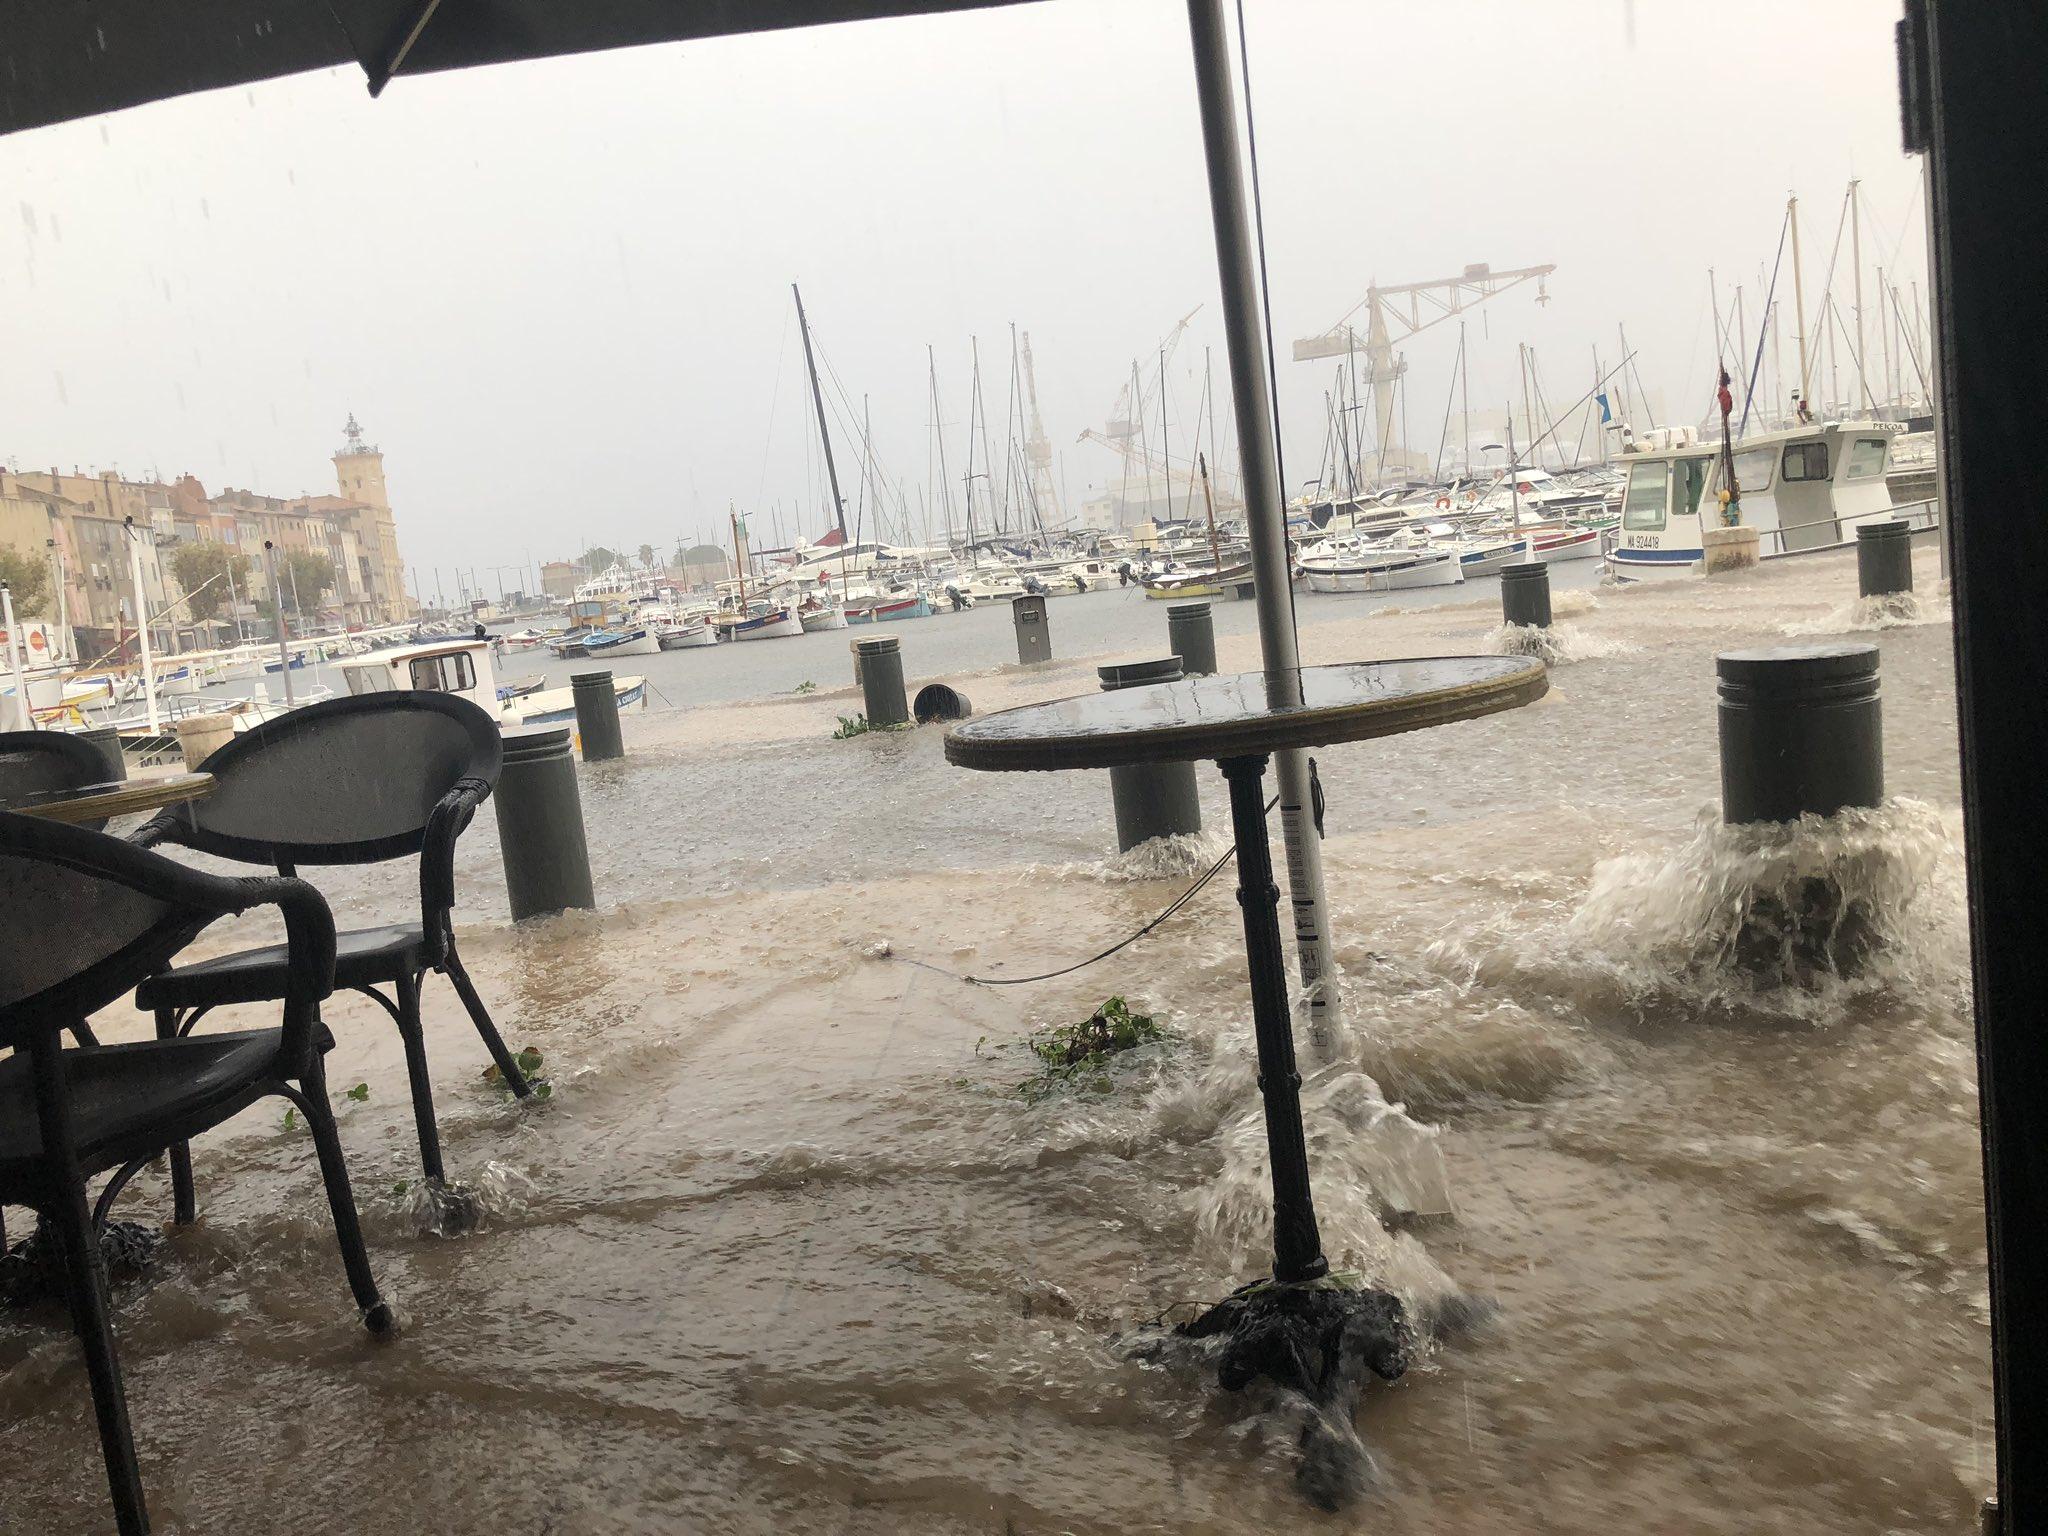 Un torrent d'eau a déferlé sur le port de La Ciotat